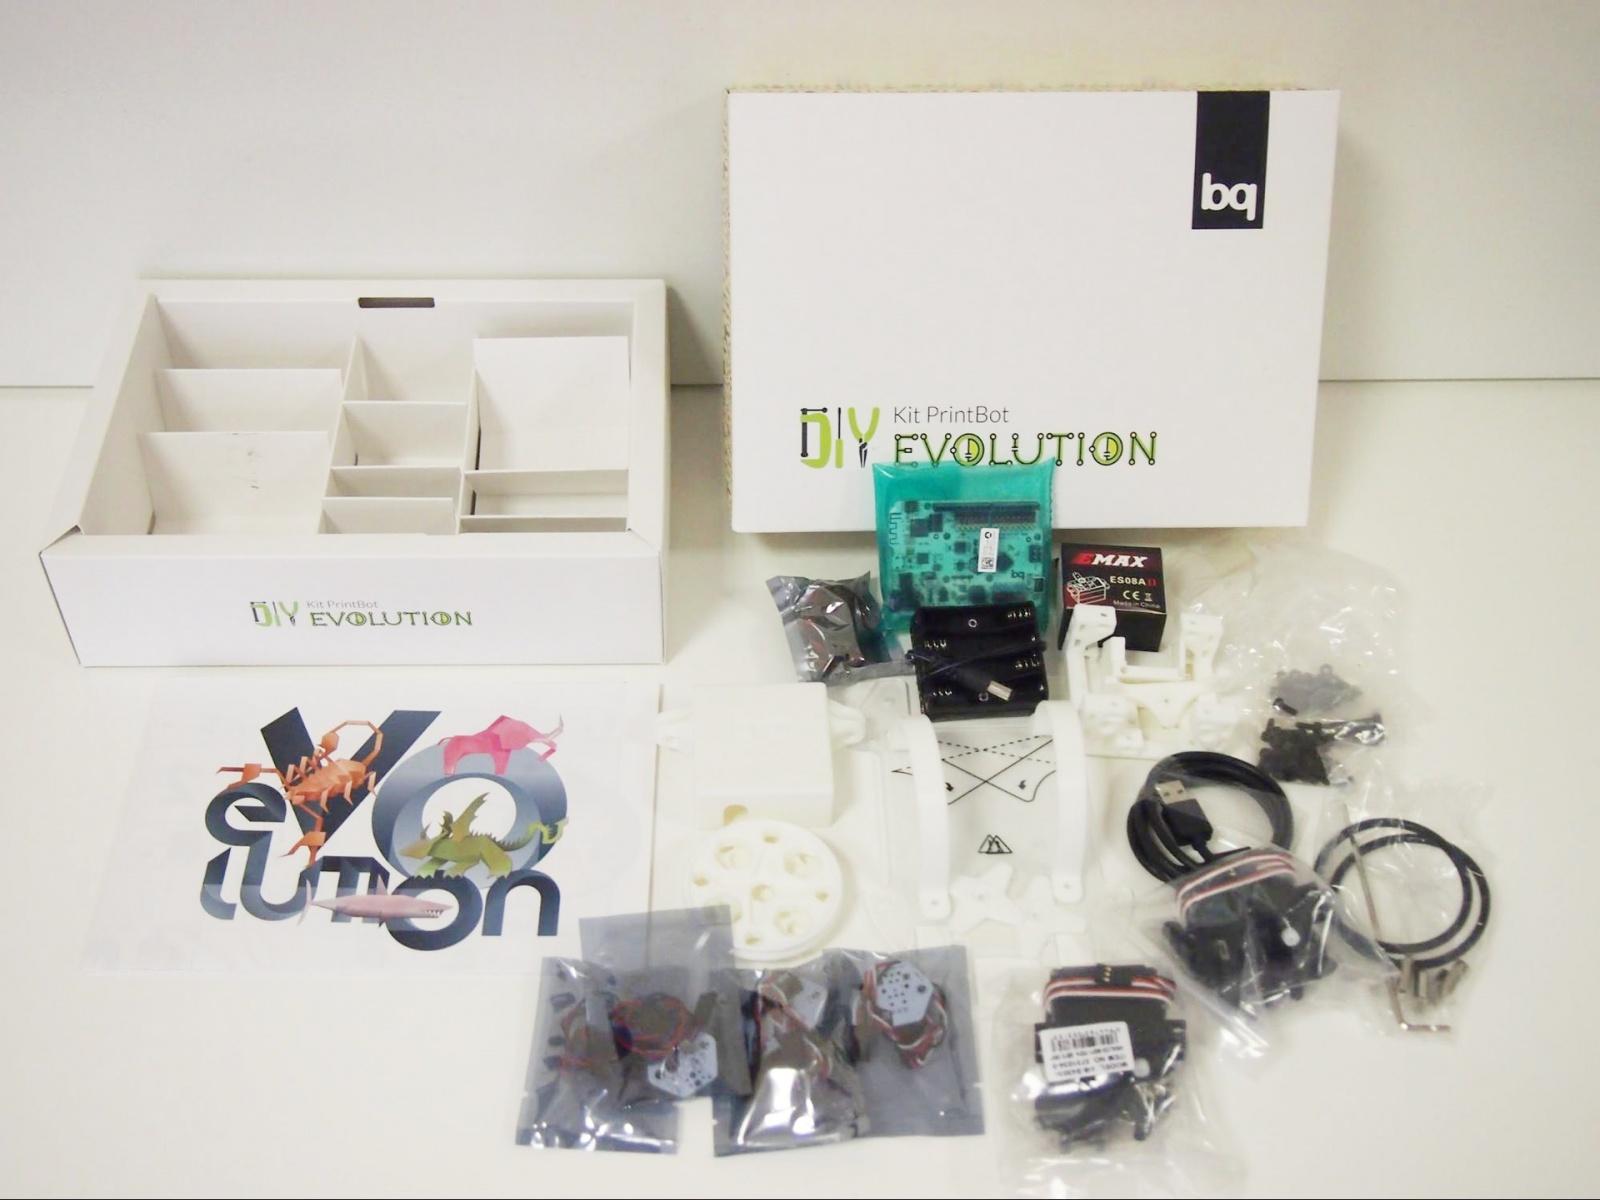 DIY Робот или эволюция в комплекте - 6